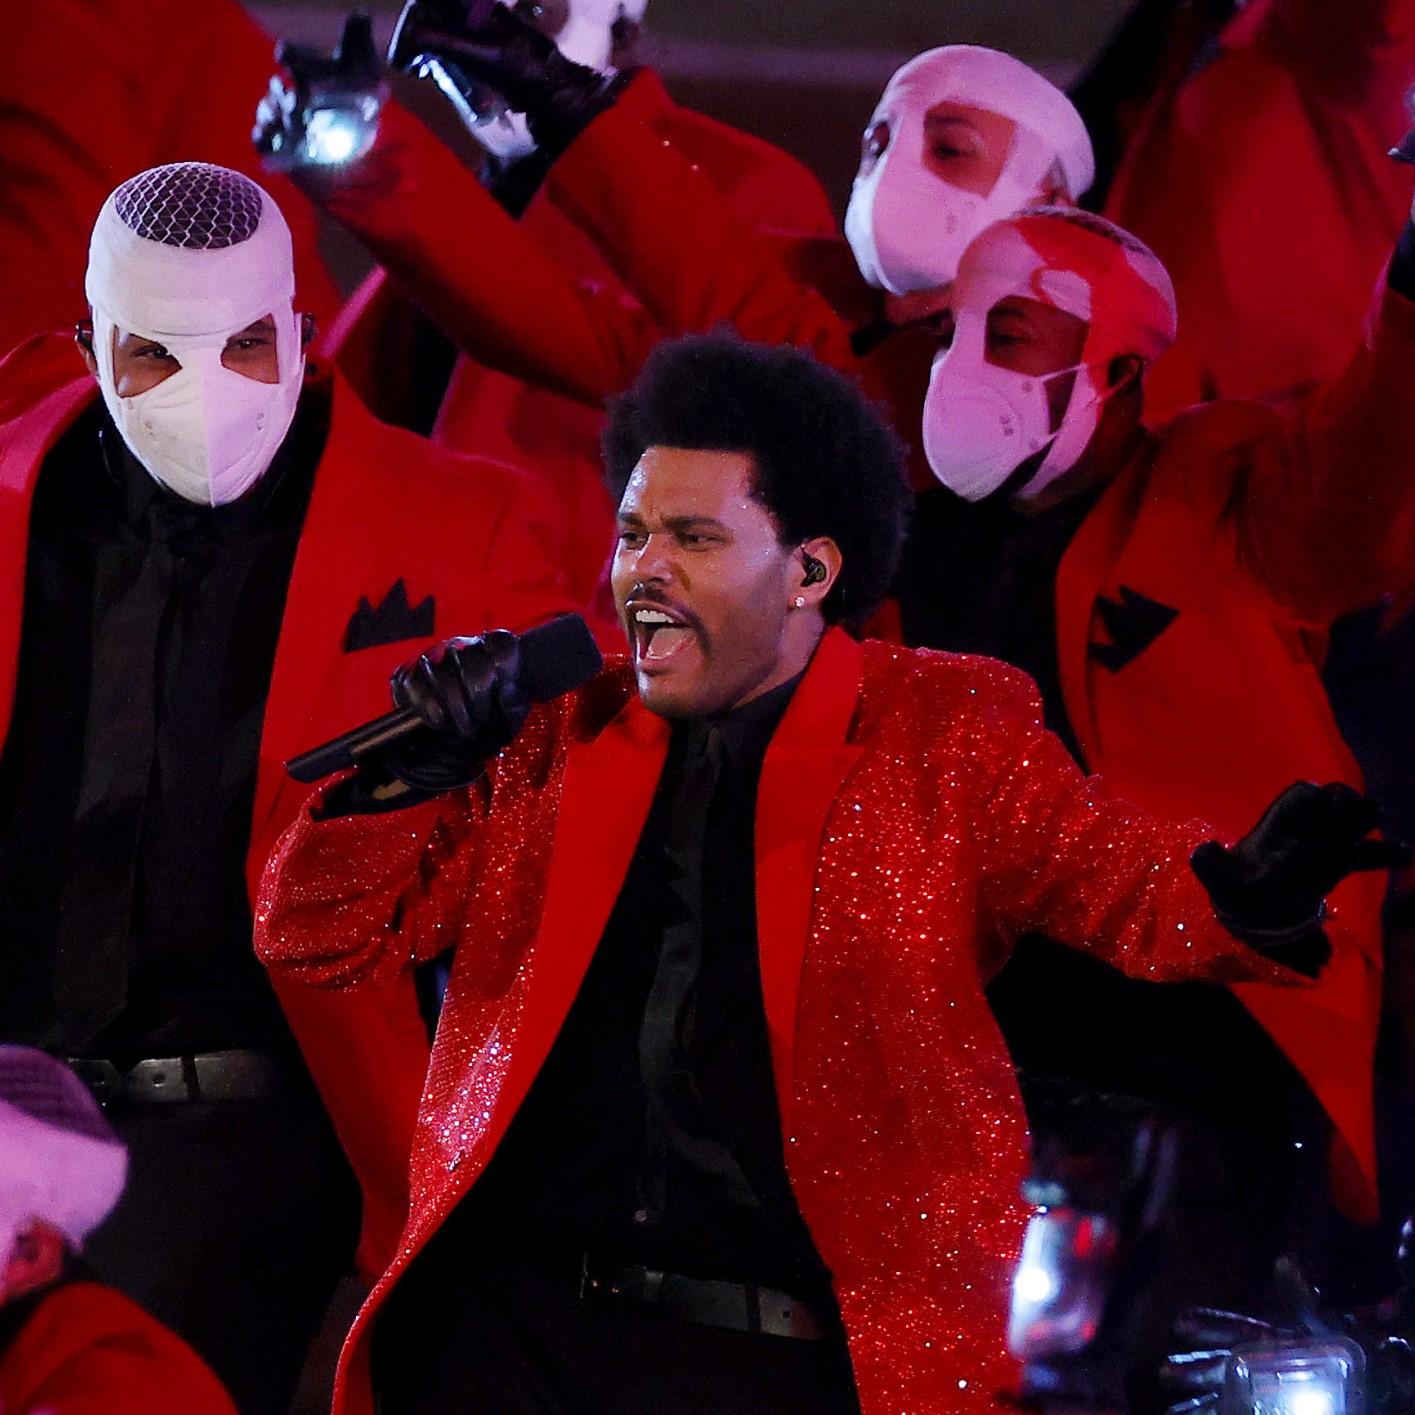 The Weeknd, um homem negro de 31 anos, está no centro da imagem. Ele usa um paletó vermelho brilhante e camisa e gravta pretas por baixo. Na sua mão direita, ele segura um microfone. A foto foi tirada no meio de um show, então sua boca está aberta e sua expressão é focada. Atrás dele, encontram-se diversos dançarinos também usando um paletó vermelho e camisa preta, mas com faixas brancas que cobrem seus rostos, deixando a mostra apenas seus olhos,